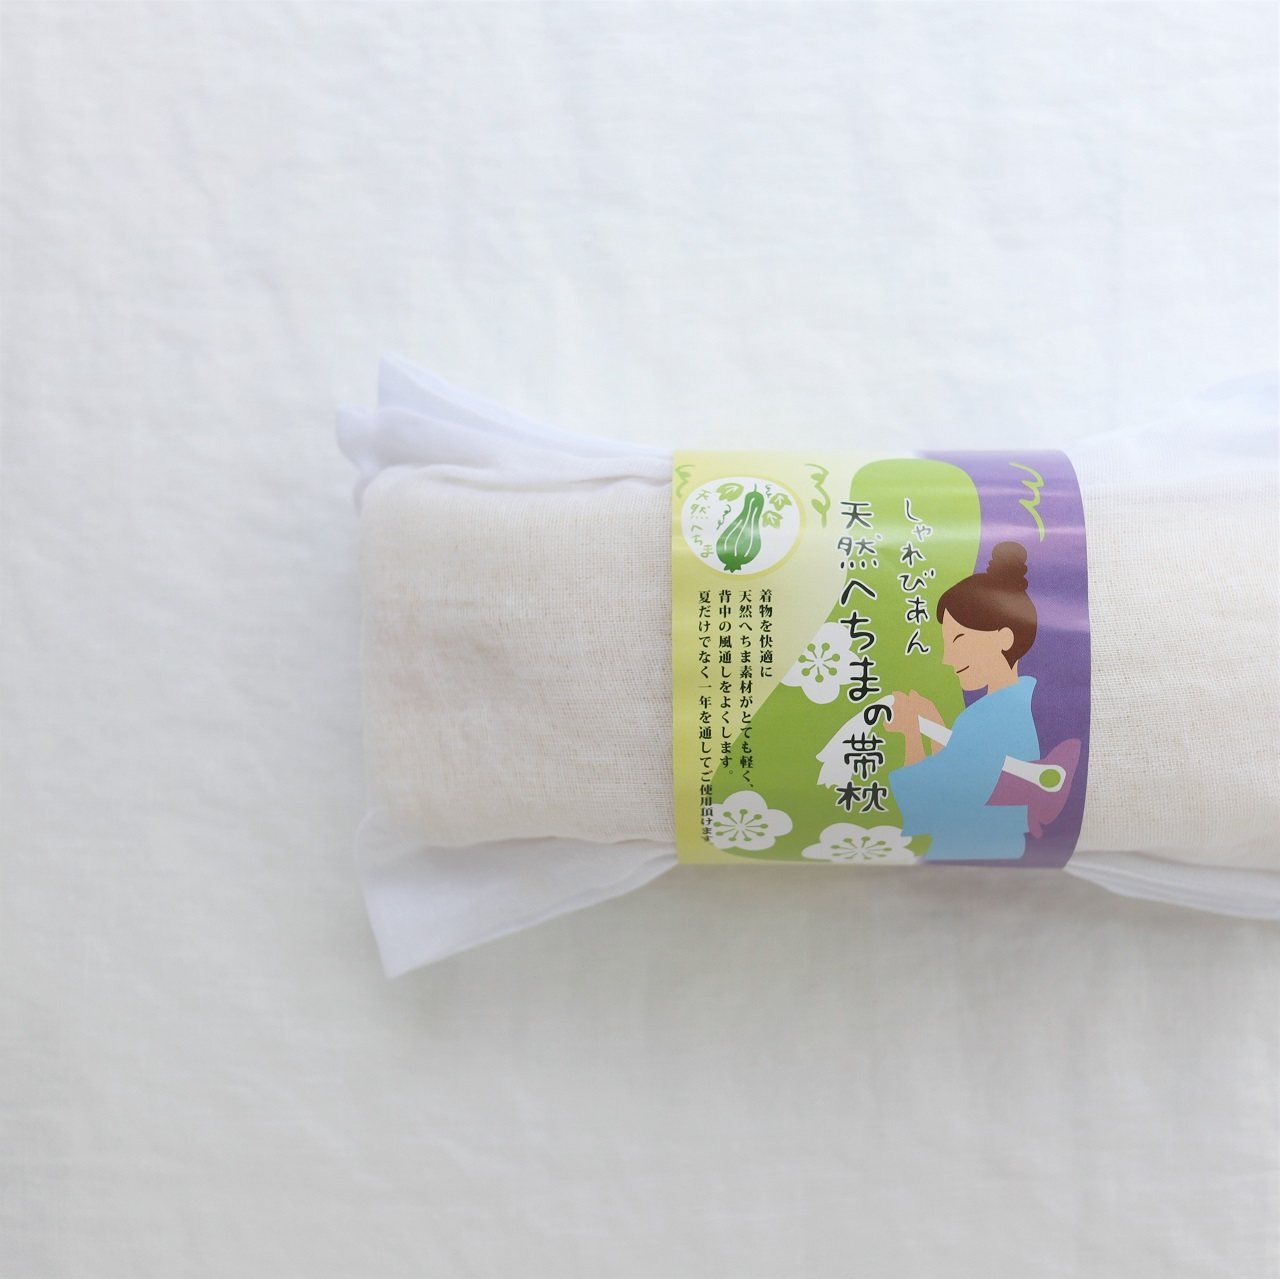 【暑さ対策グッズ】帯枕 / へちま / 天然へちまの帯枕 夏 しゃれびあん